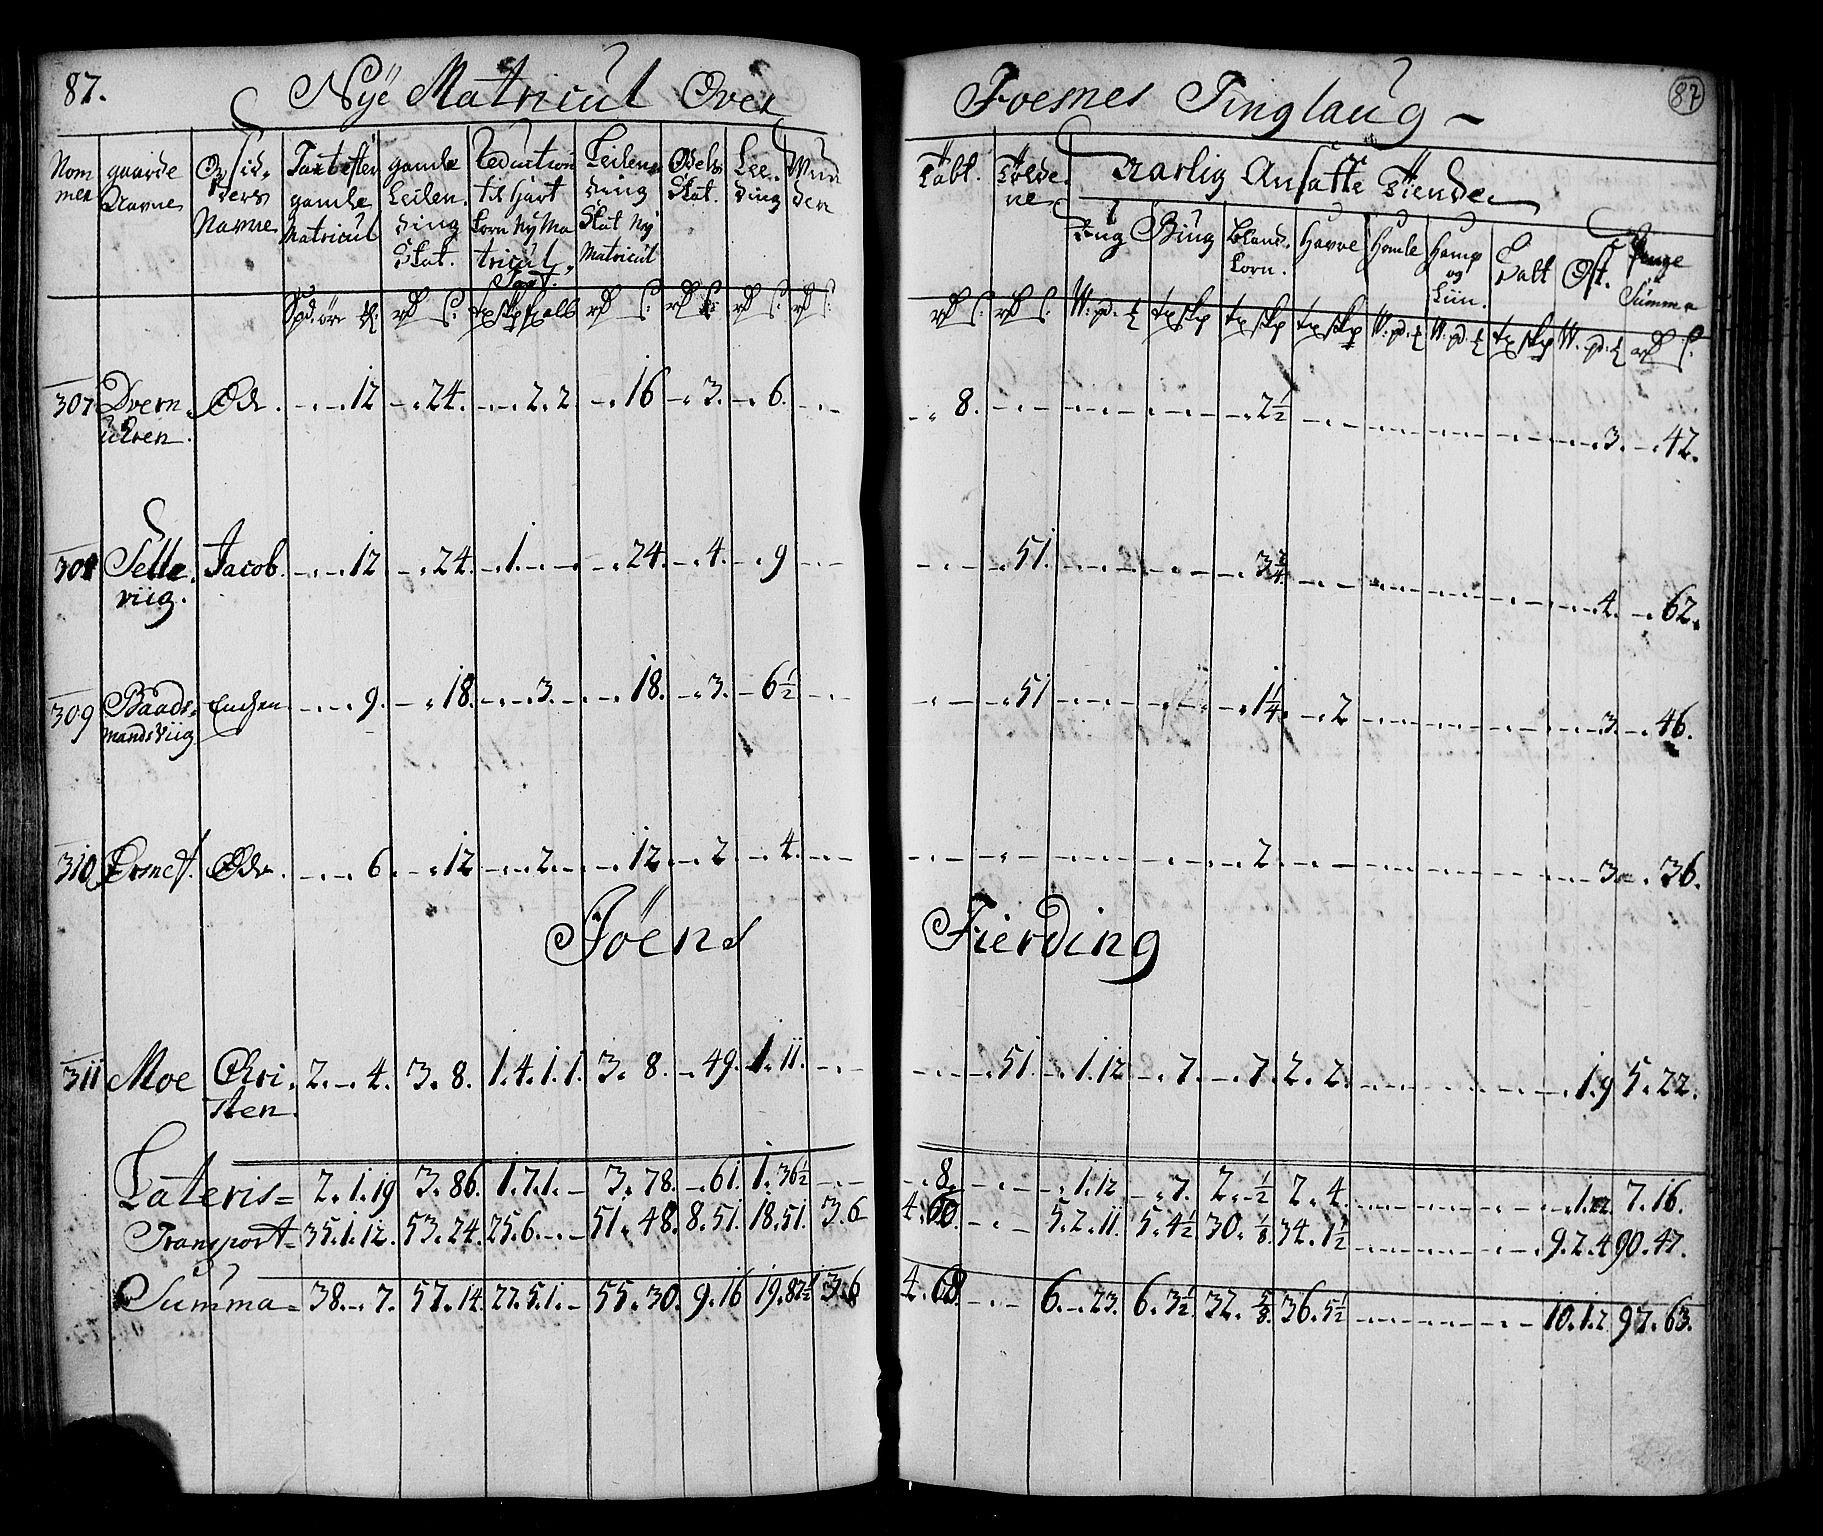 RA, Rentekammeret inntil 1814, Realistisk ordnet avdeling, N/Nb/Nbf/L0169: Namdalen matrikkelprotokoll, 1723, s. 86b-87a